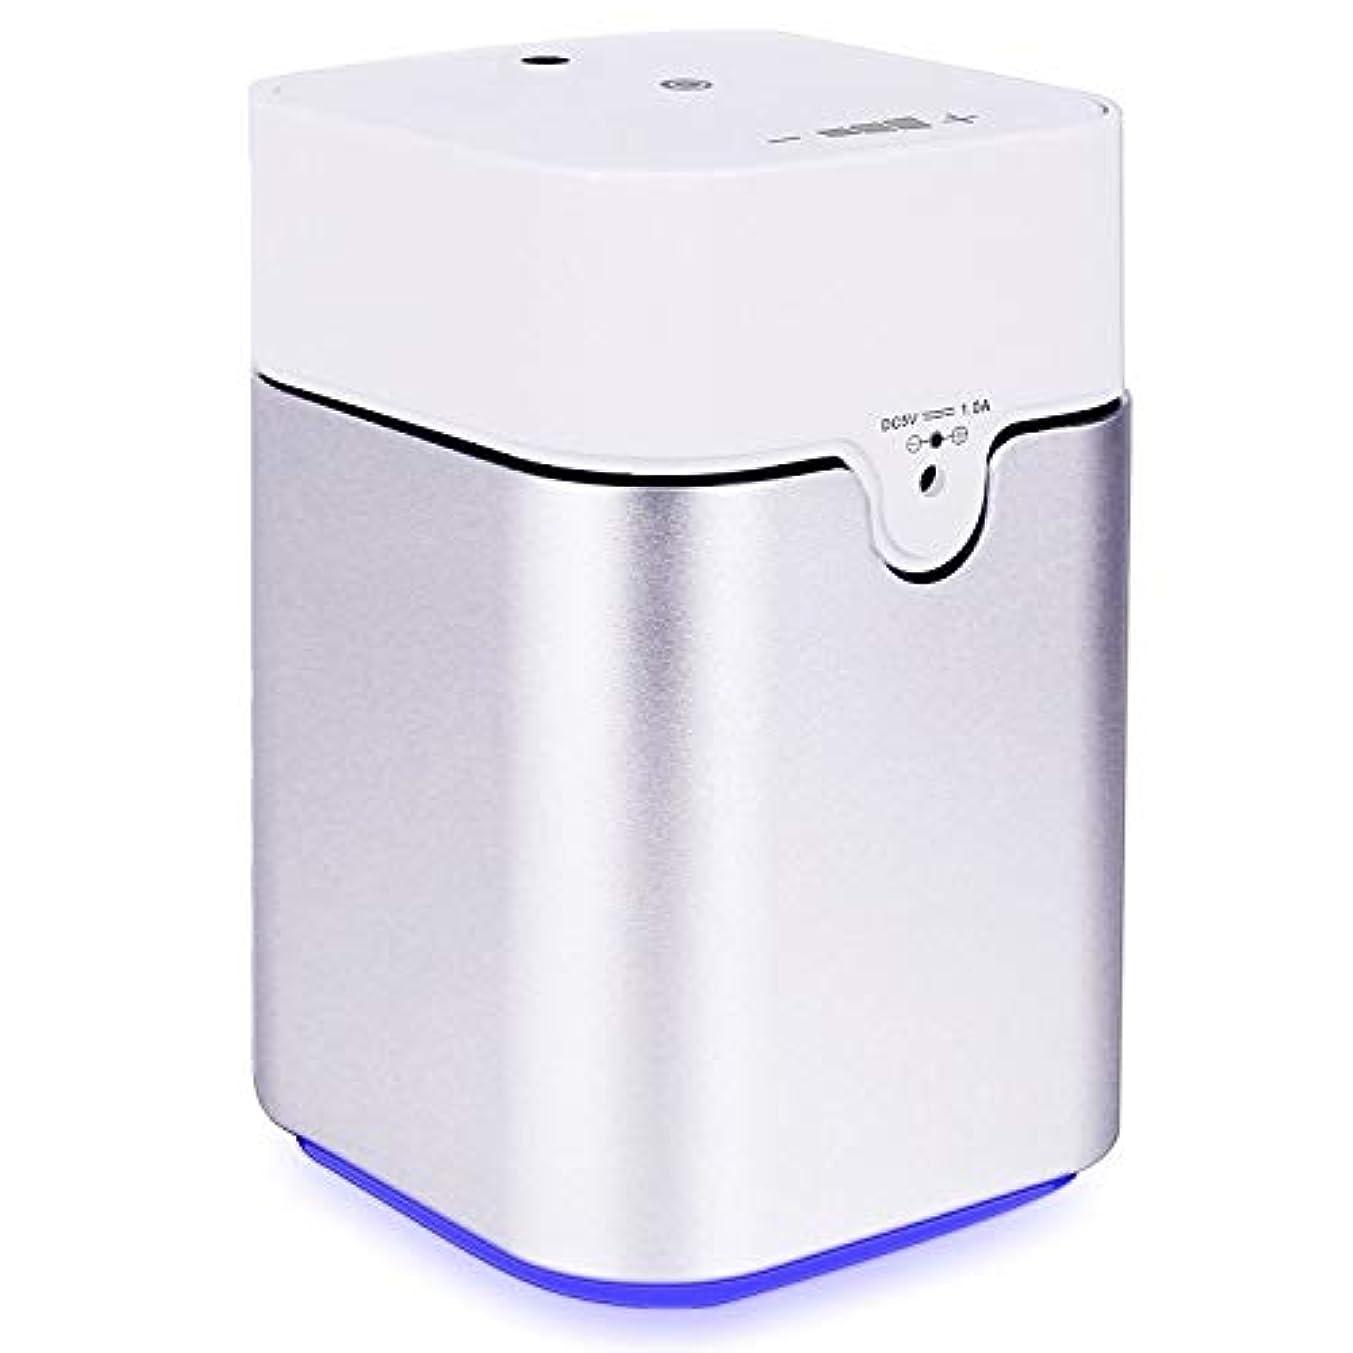 ボス同情的ストライクENERG e's Pure アロマディフューザー ヨガ室 整体院人気 タイマー機能 ネブライザー式 量調整可能 精油瓶3個付き T11-ENS082